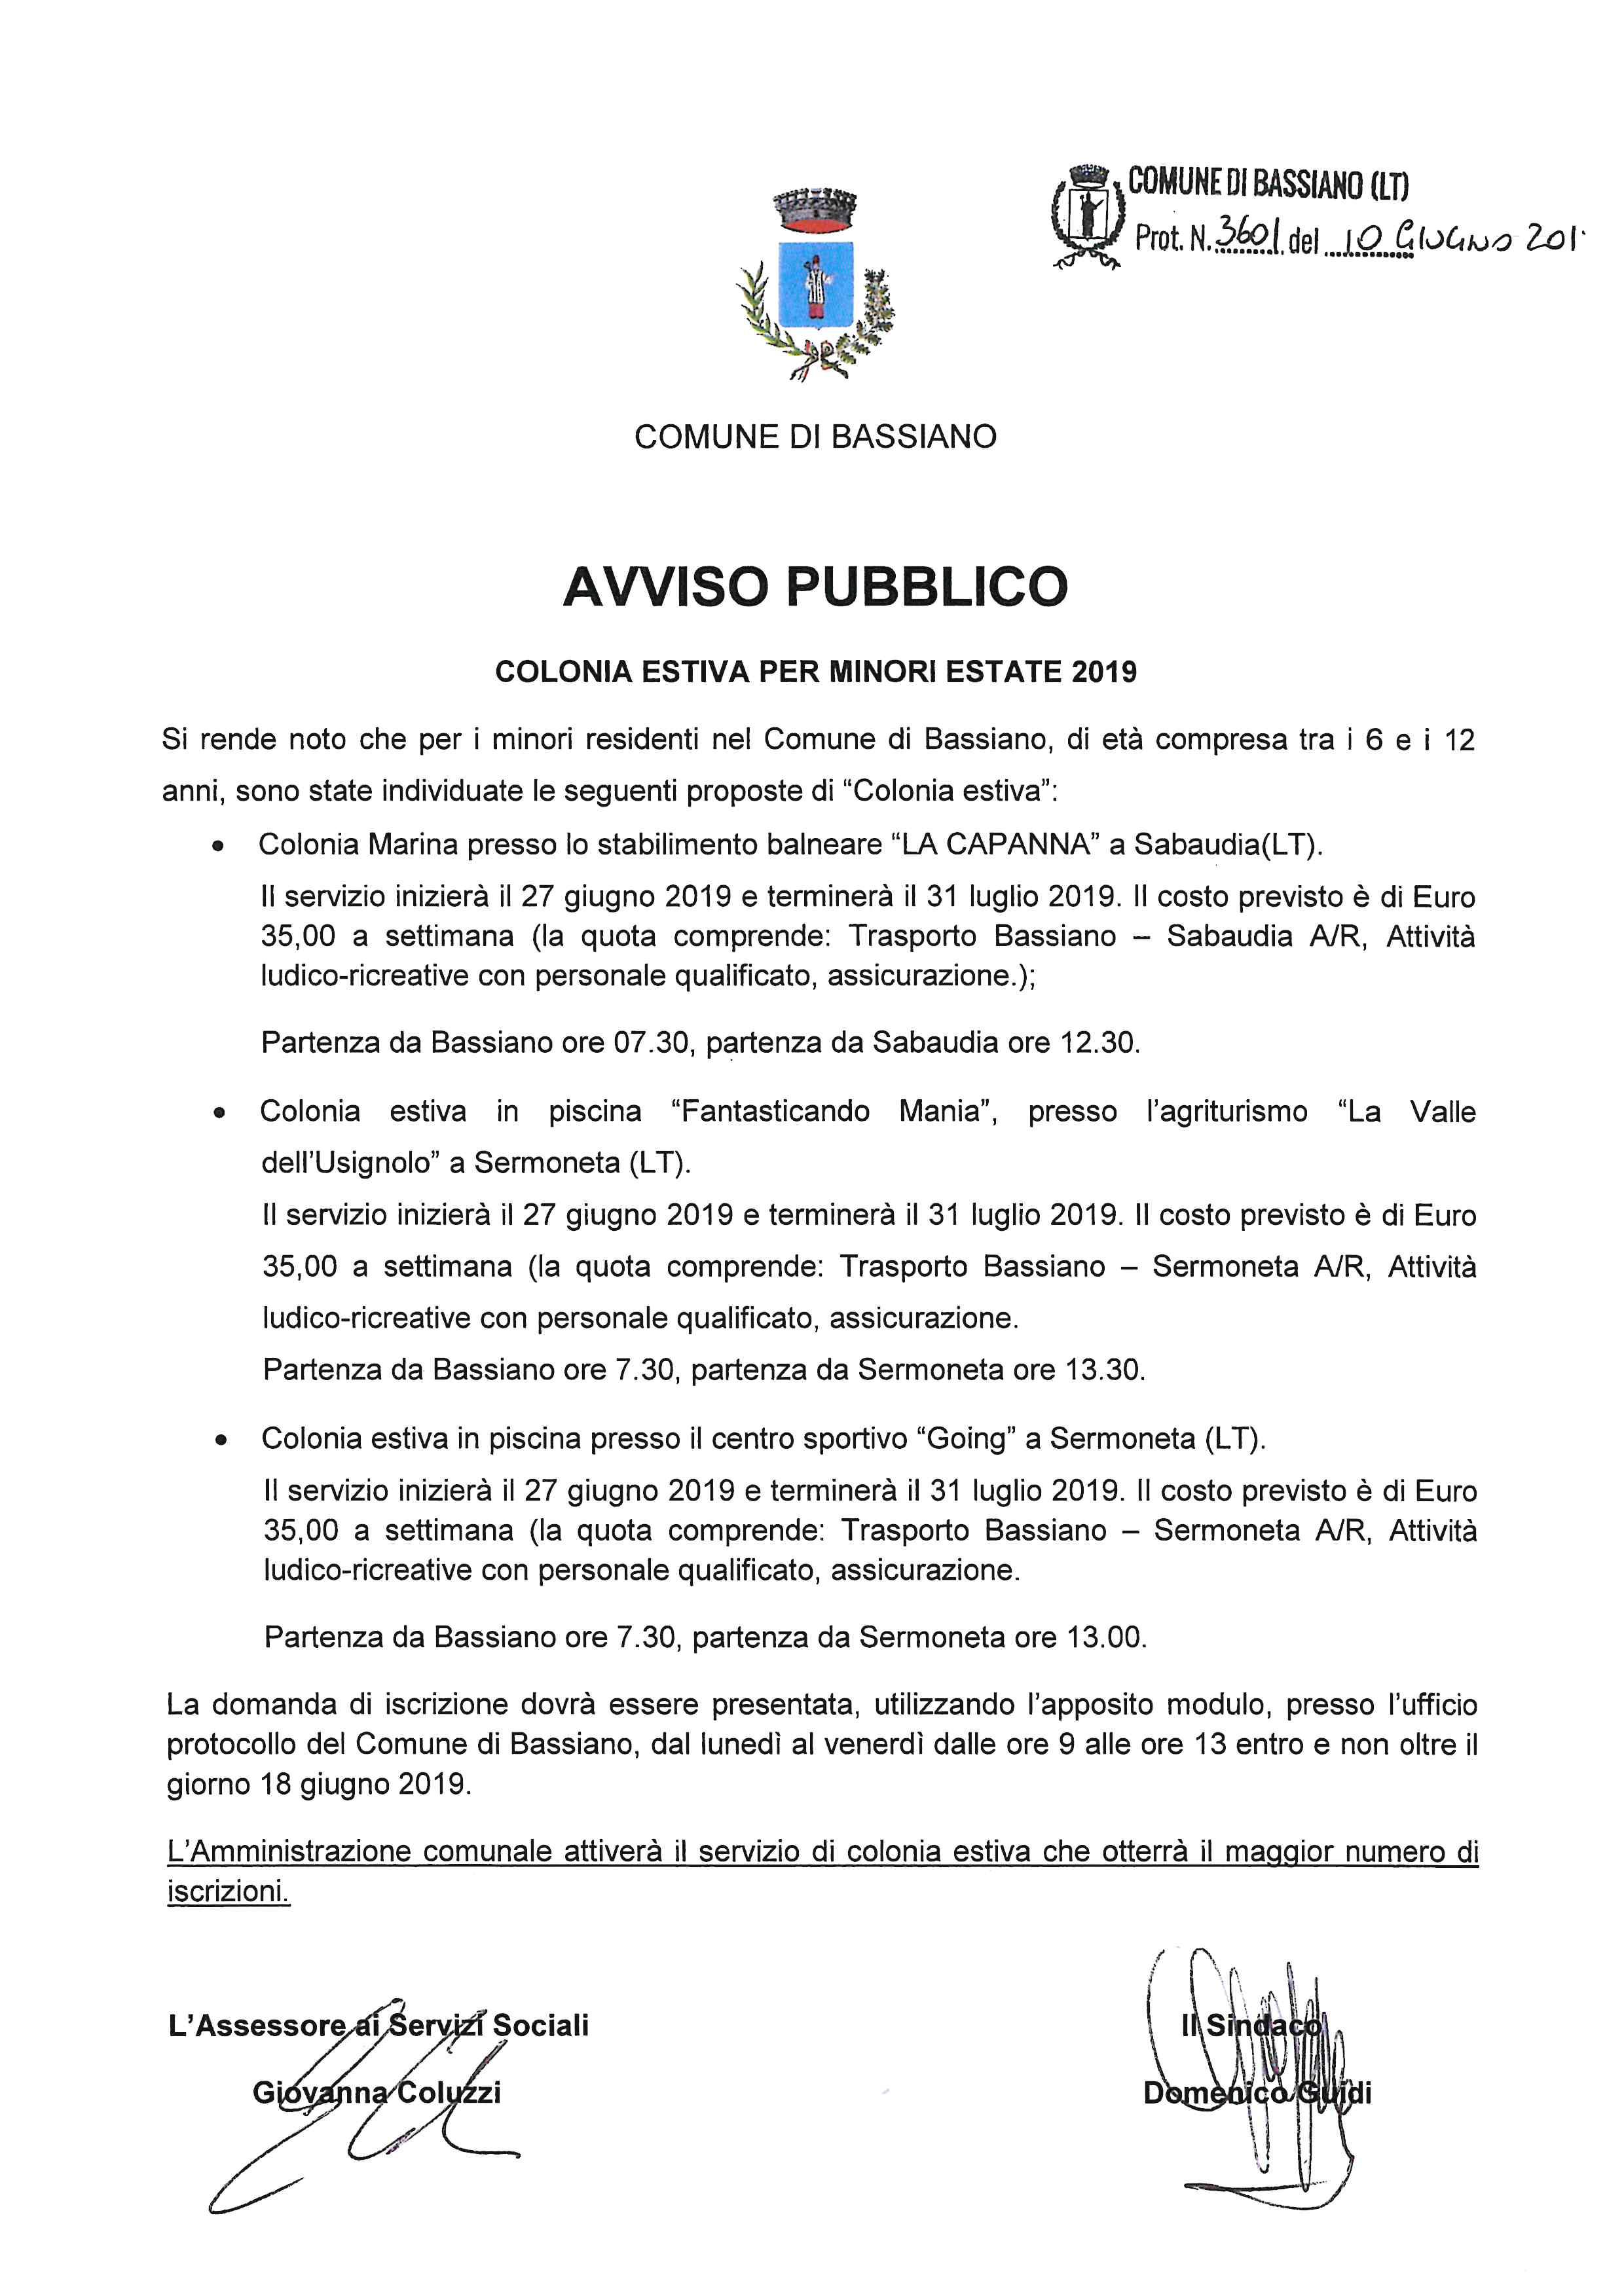 AVVISO PUBBLICO COLONIA ESTIVA PER MINORI ESTATE 2019 (IN ALLEGATO DOMANDA ISCRIZIONE)